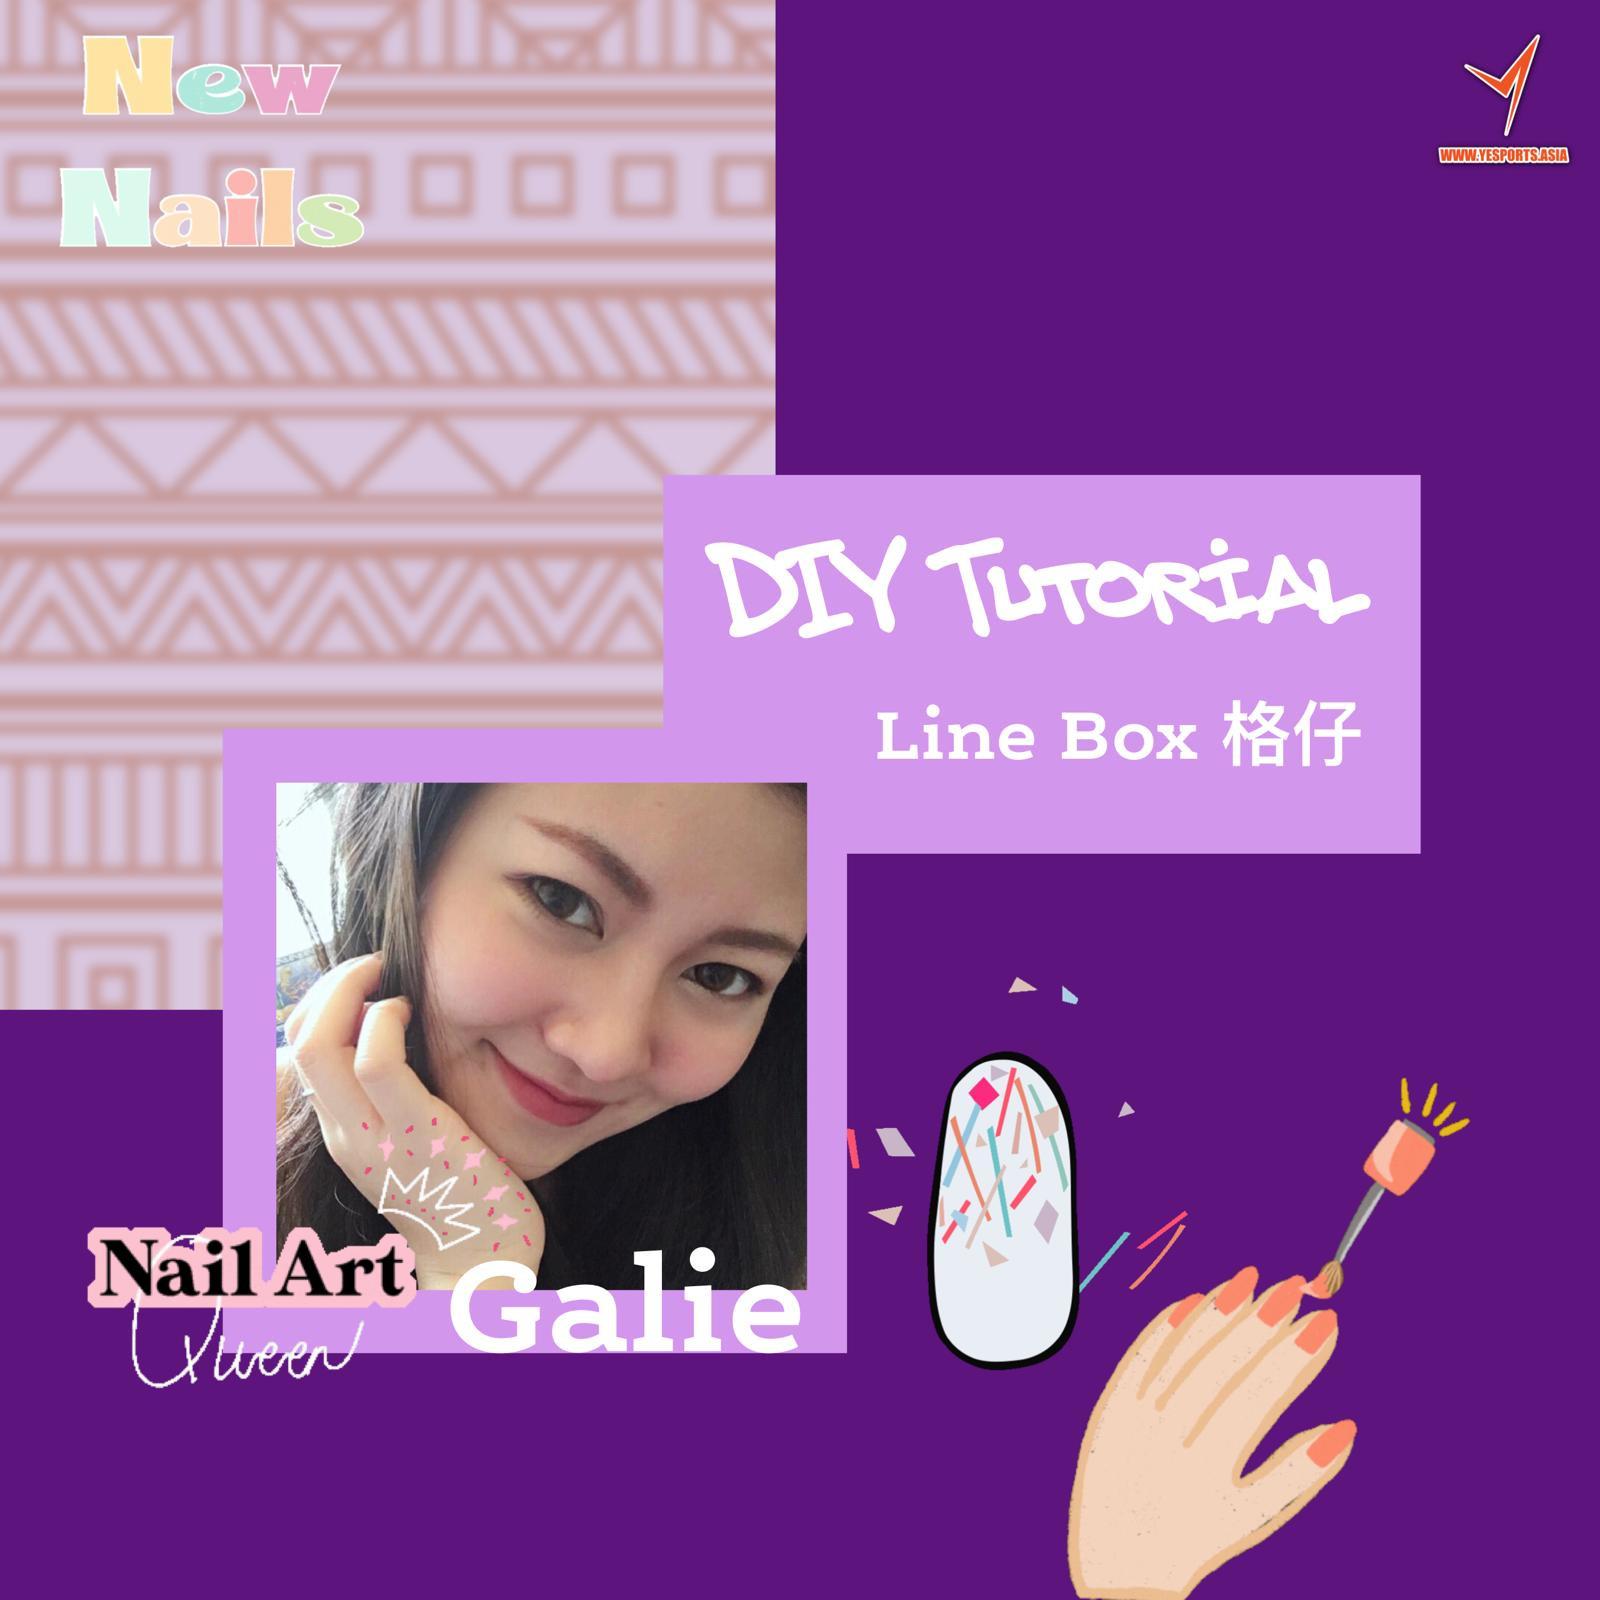 Nail Art - DIY line box nails